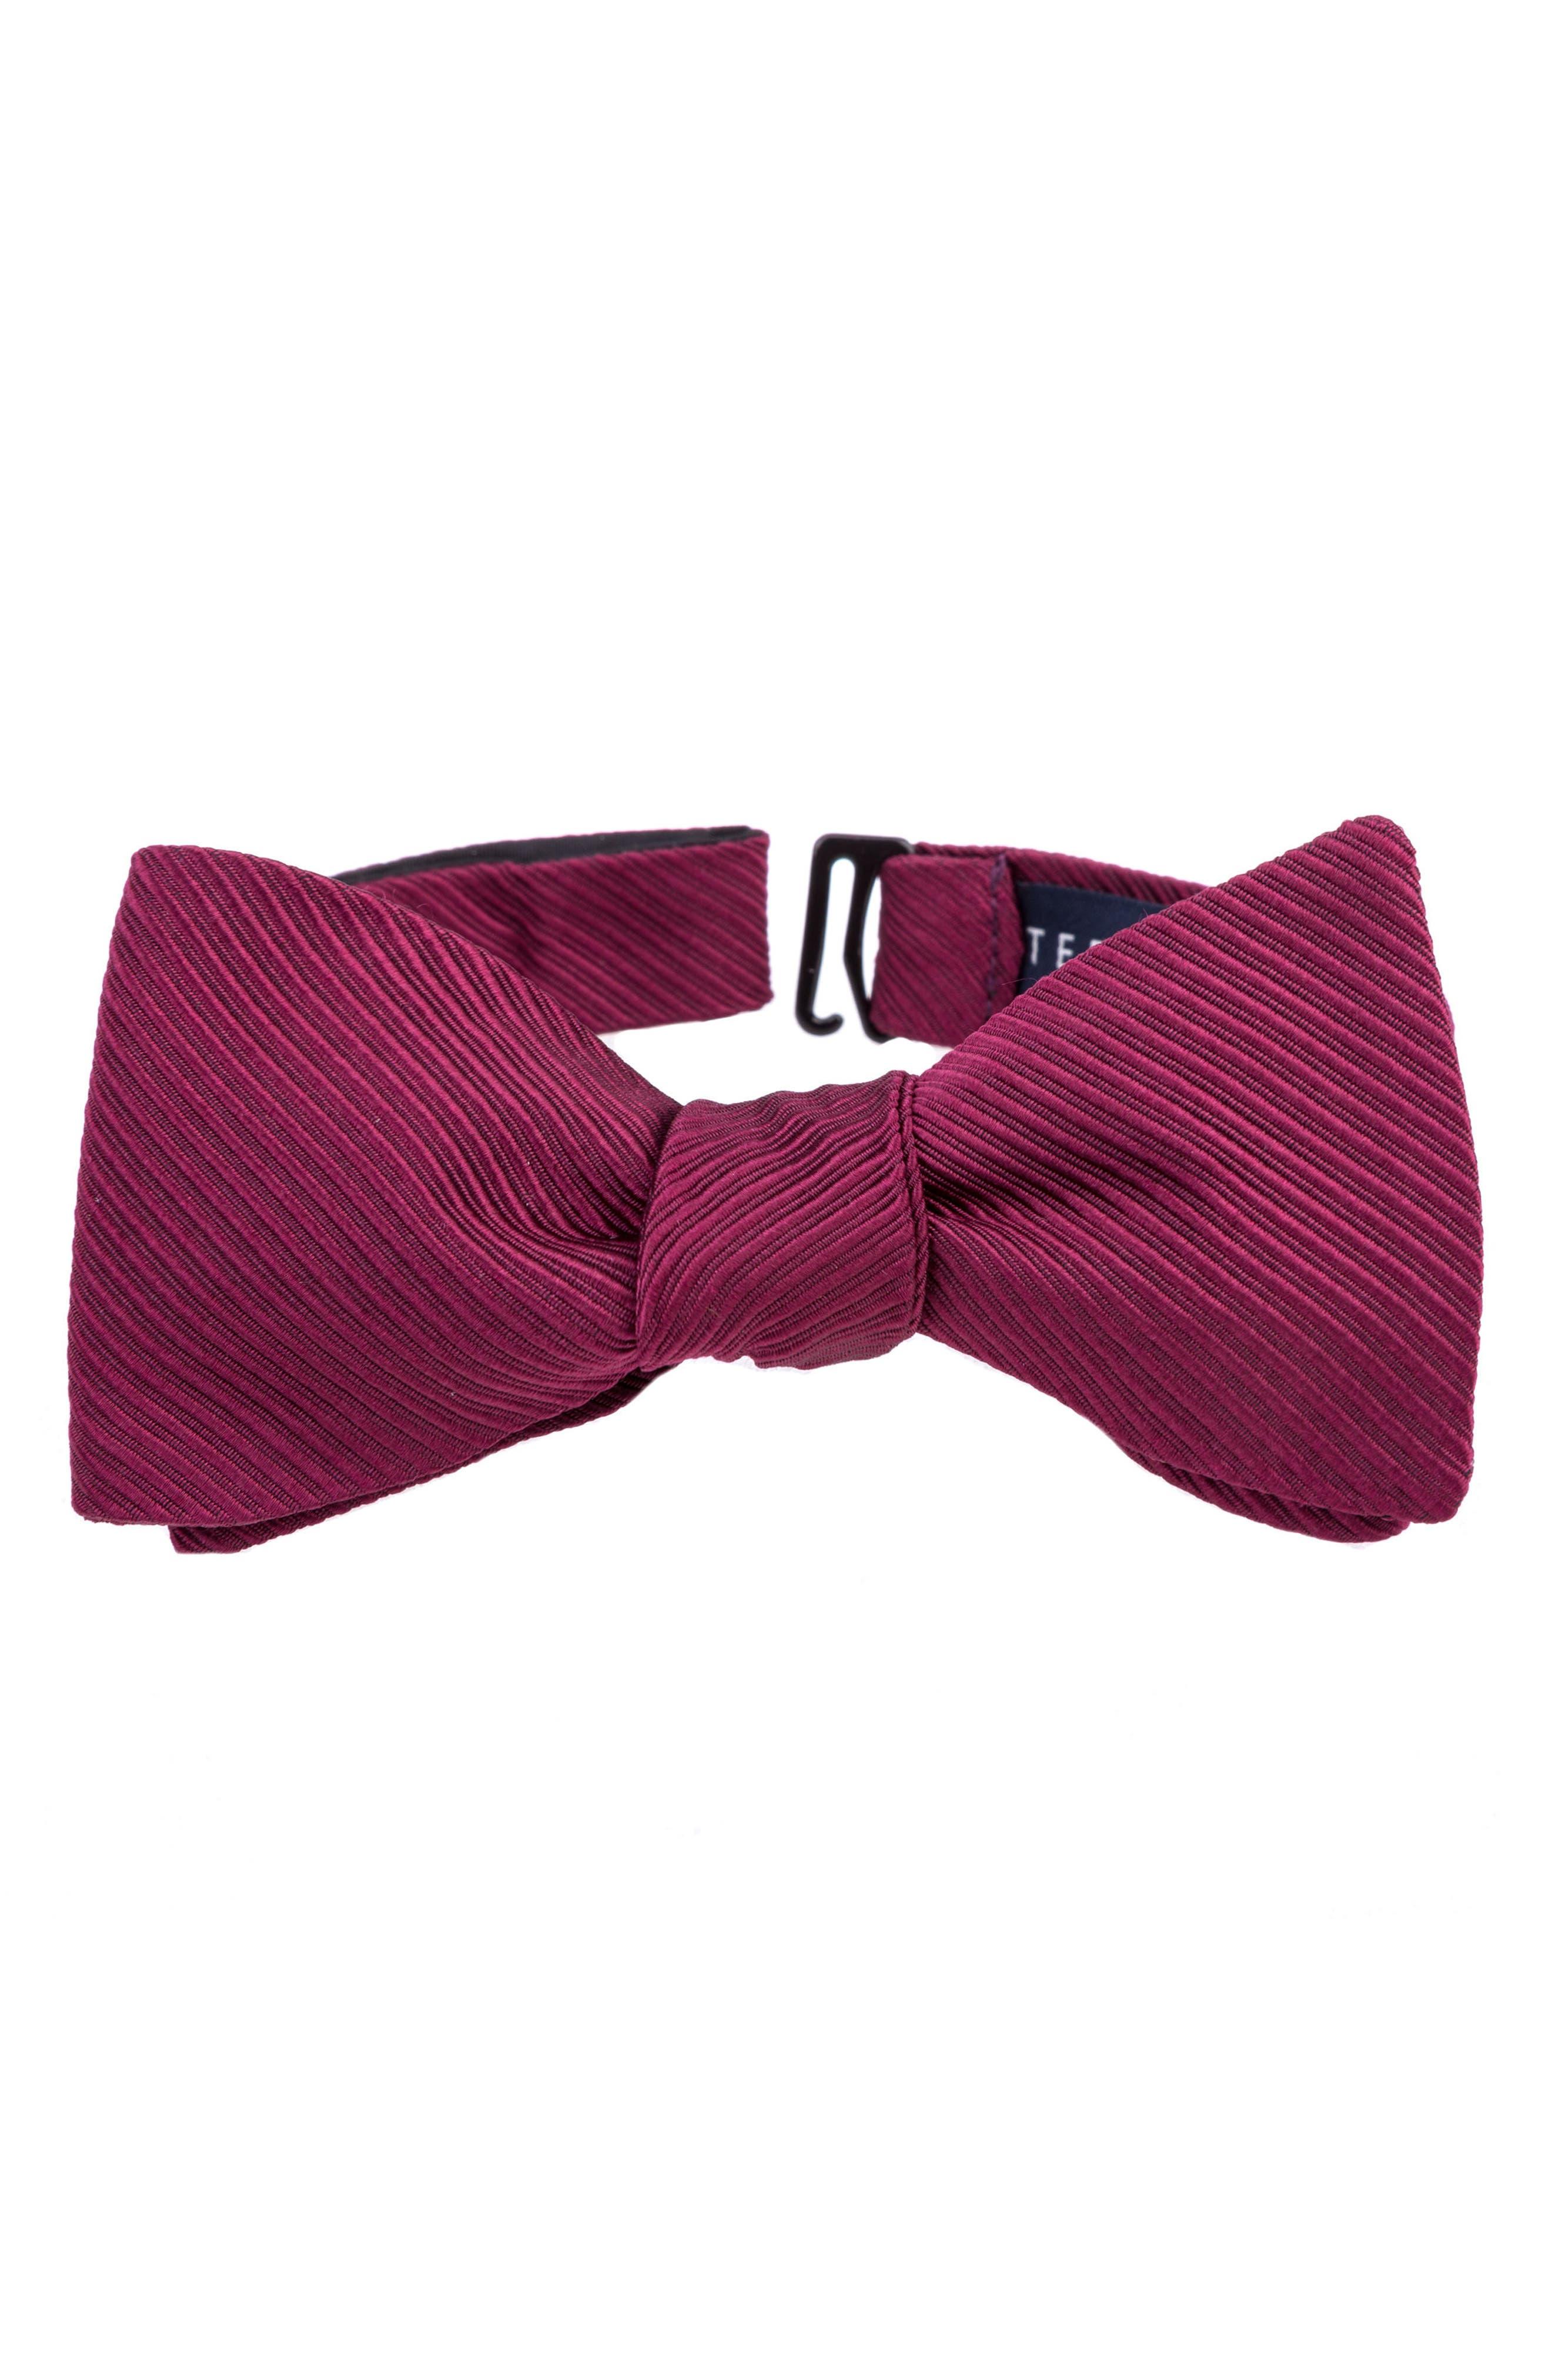 Ted Baker London Fancy Silk & Cotton Bow Tie